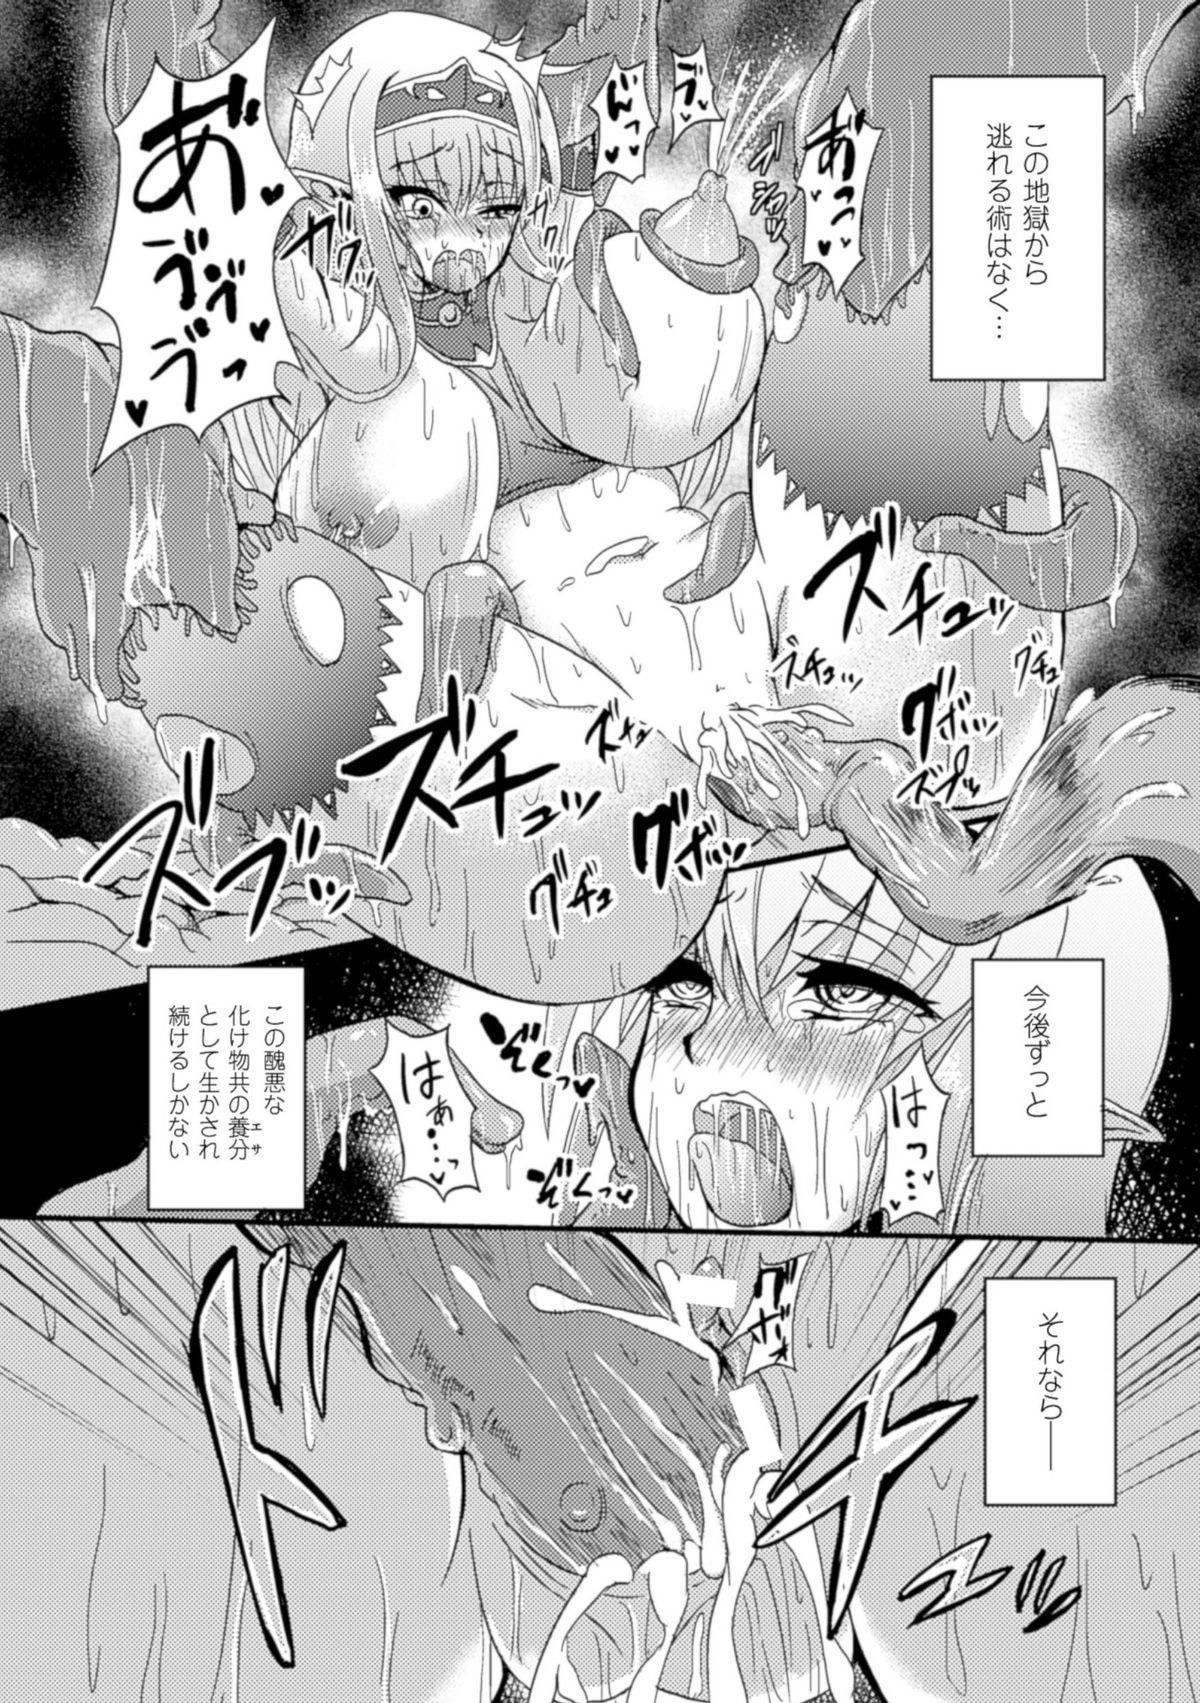 2D Comic Magazine Suisei Seibutsu ni Okasareru Heroine-tachi Vol. 1 59